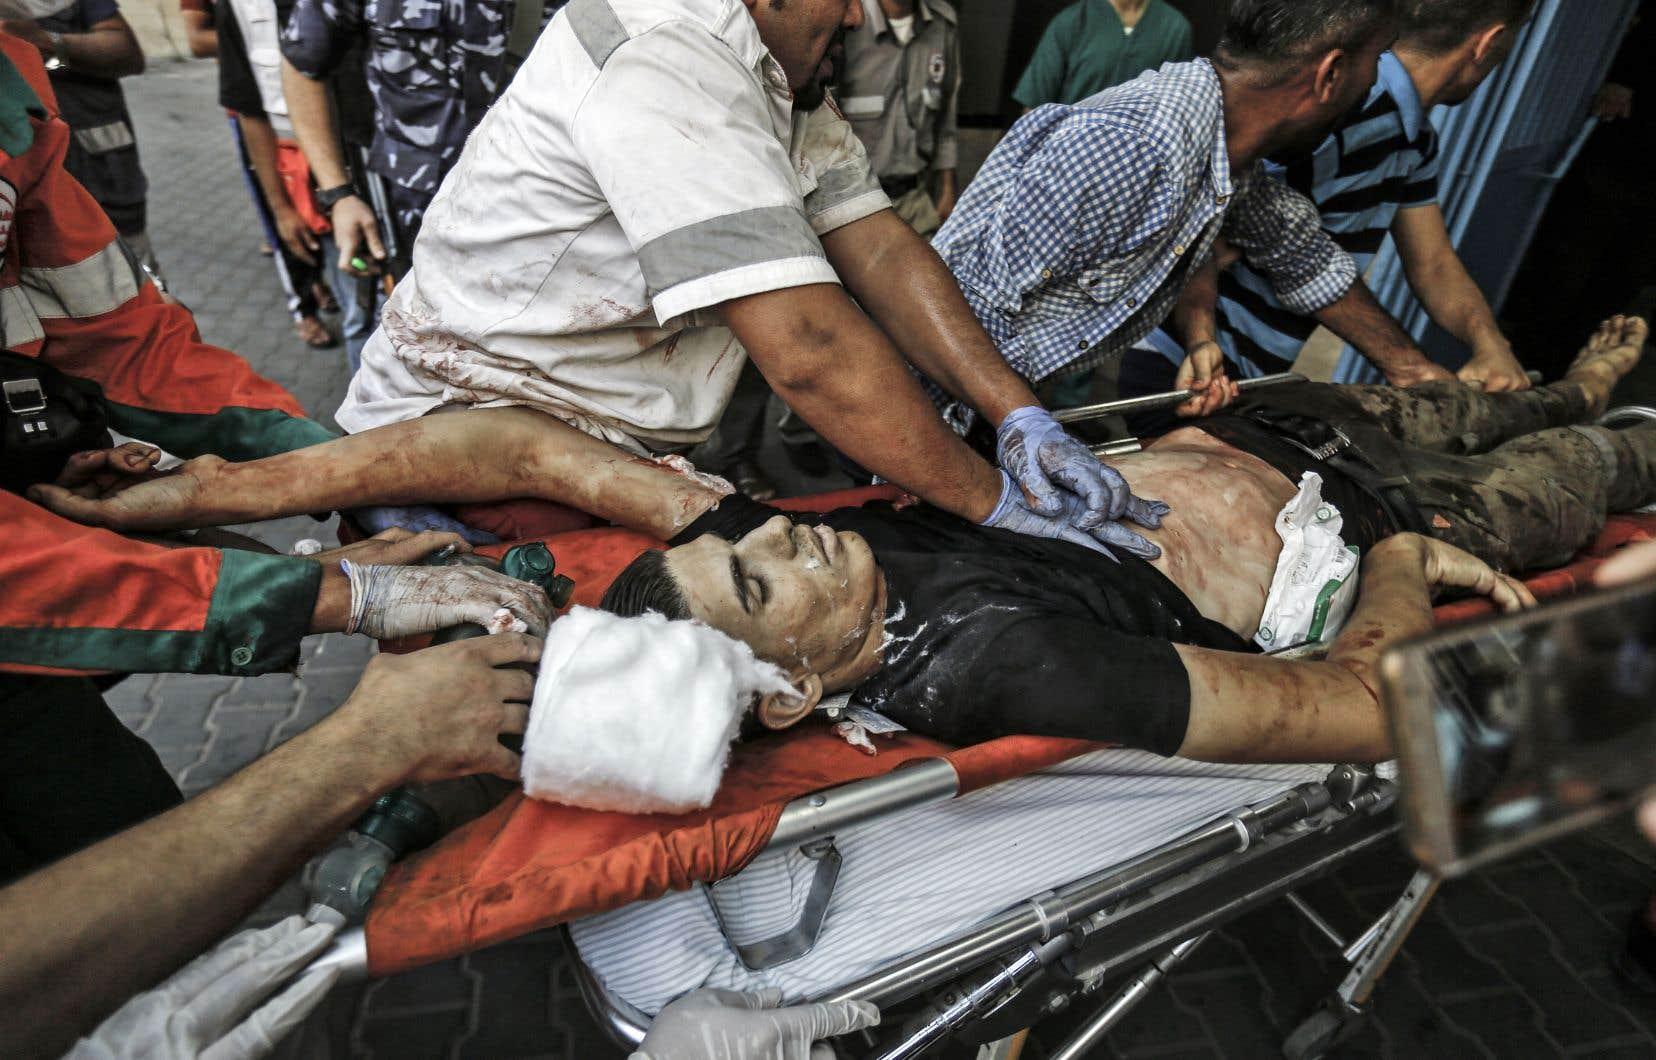 Un Palestinien gravement blessé a été conduit d'urgence à l'hôpital al-Shifa, où il a succombé un peu plus tard à ses blessures.